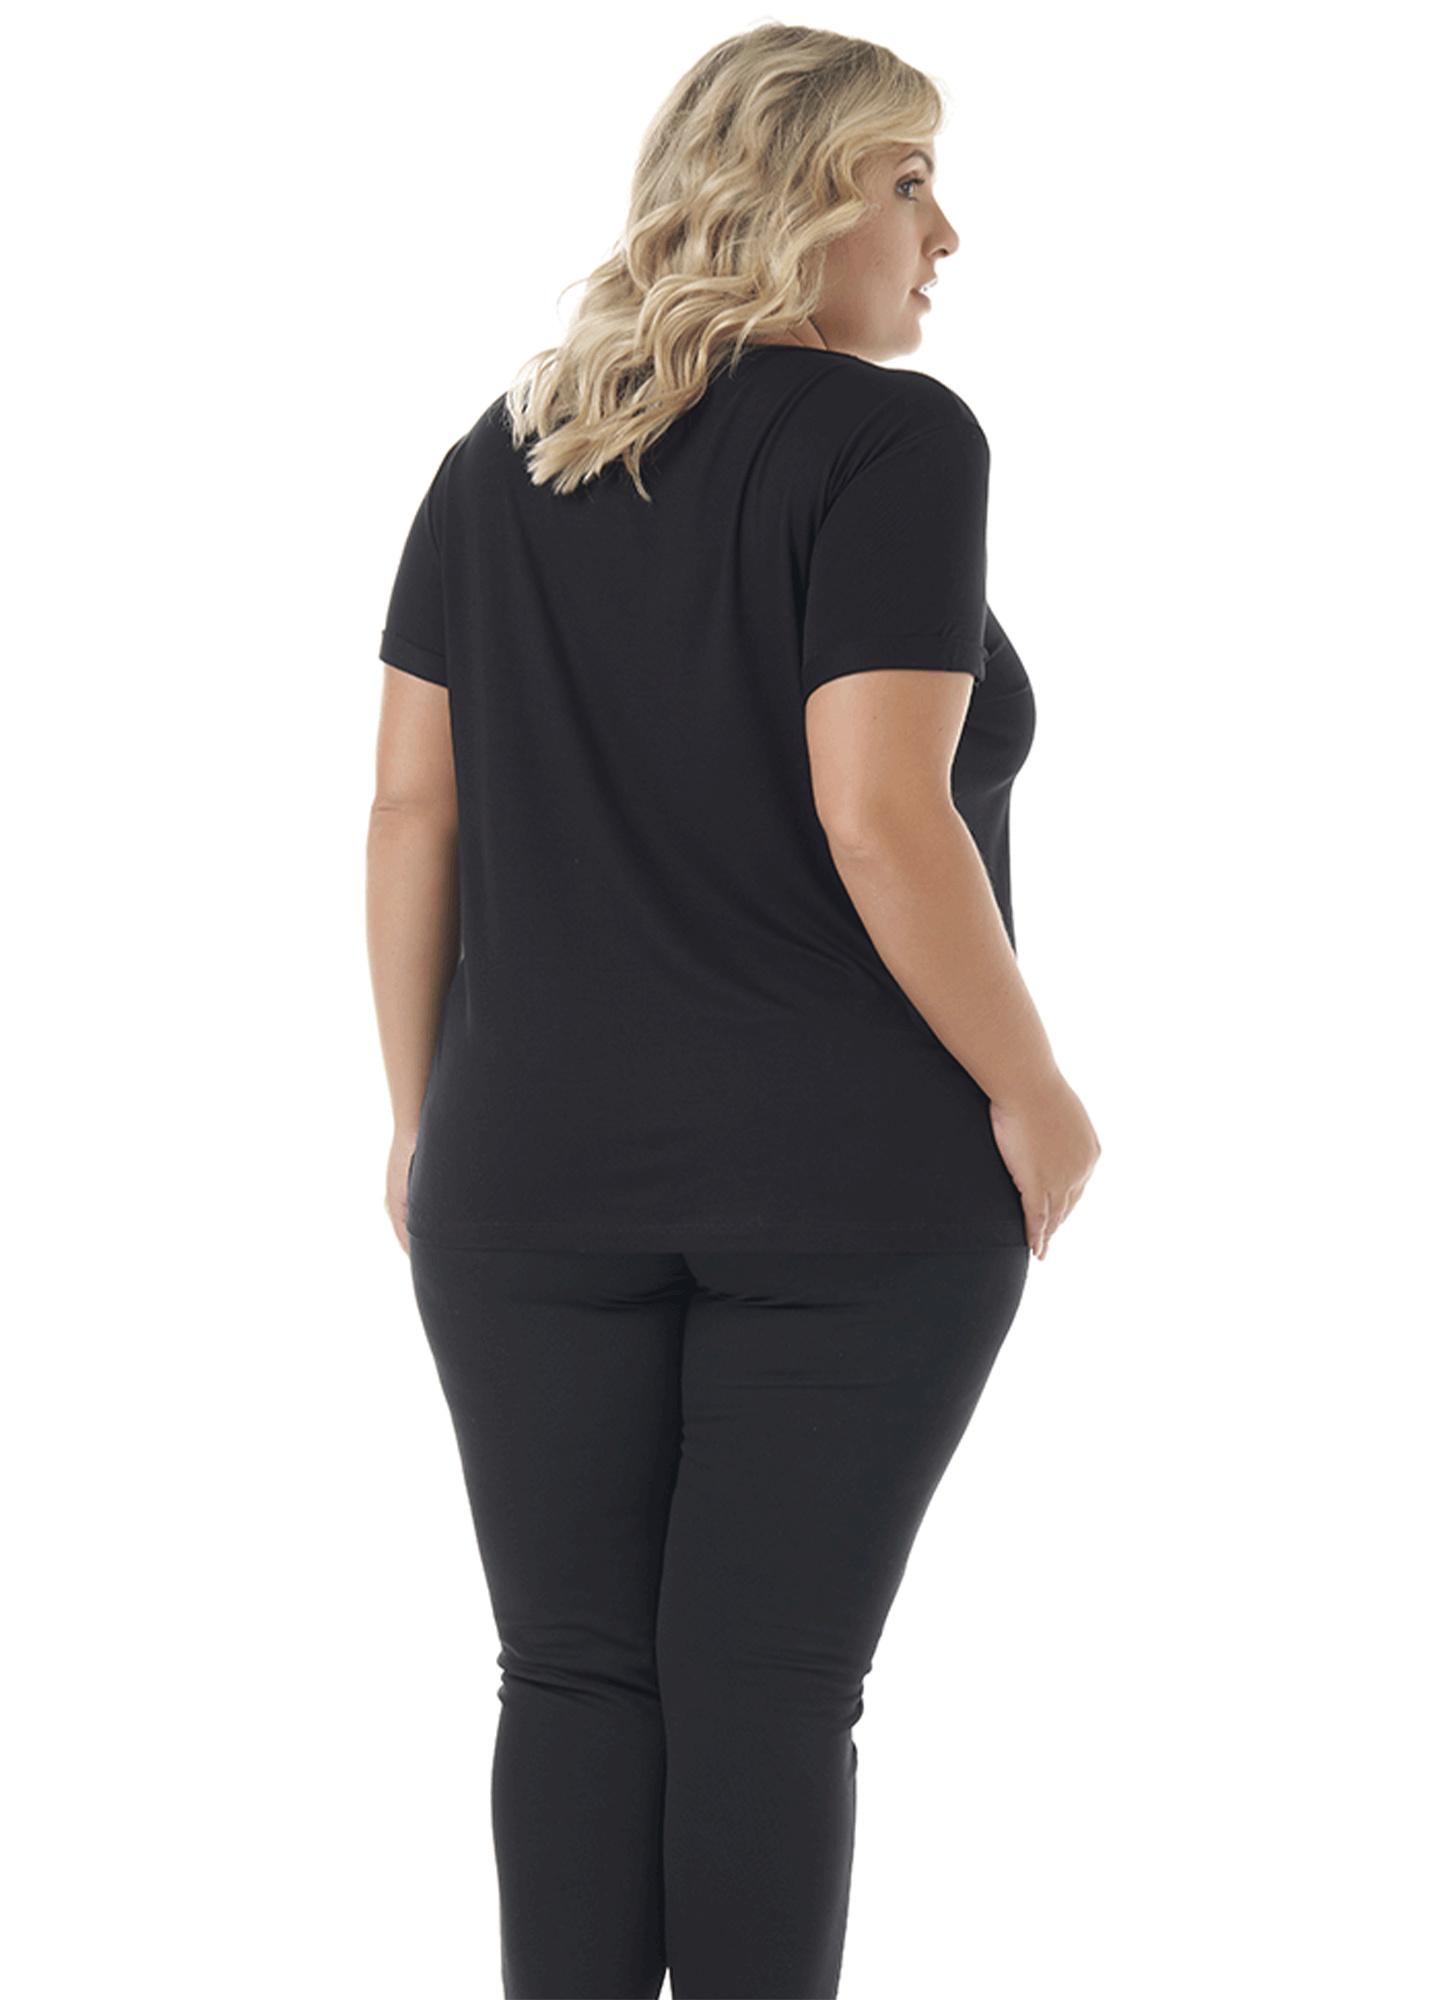 Blusa Feminina Plus Size Visco Lisa Preta com Aplique